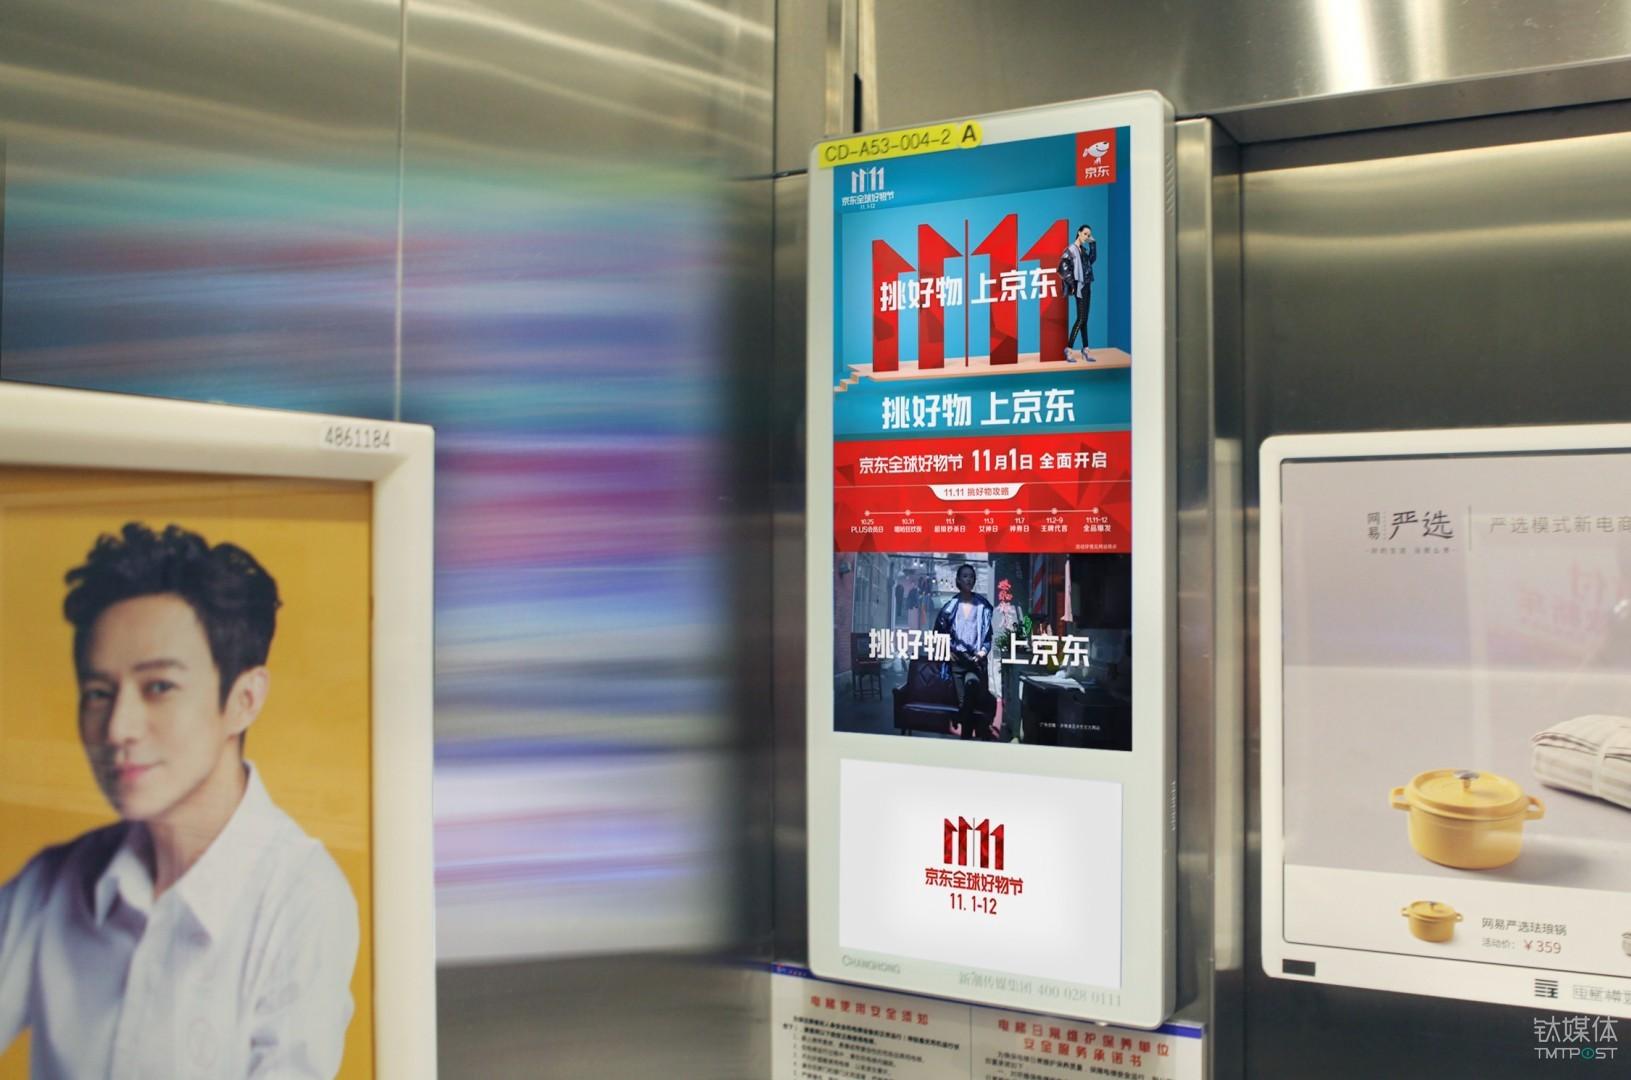 △京东新潮电梯广告